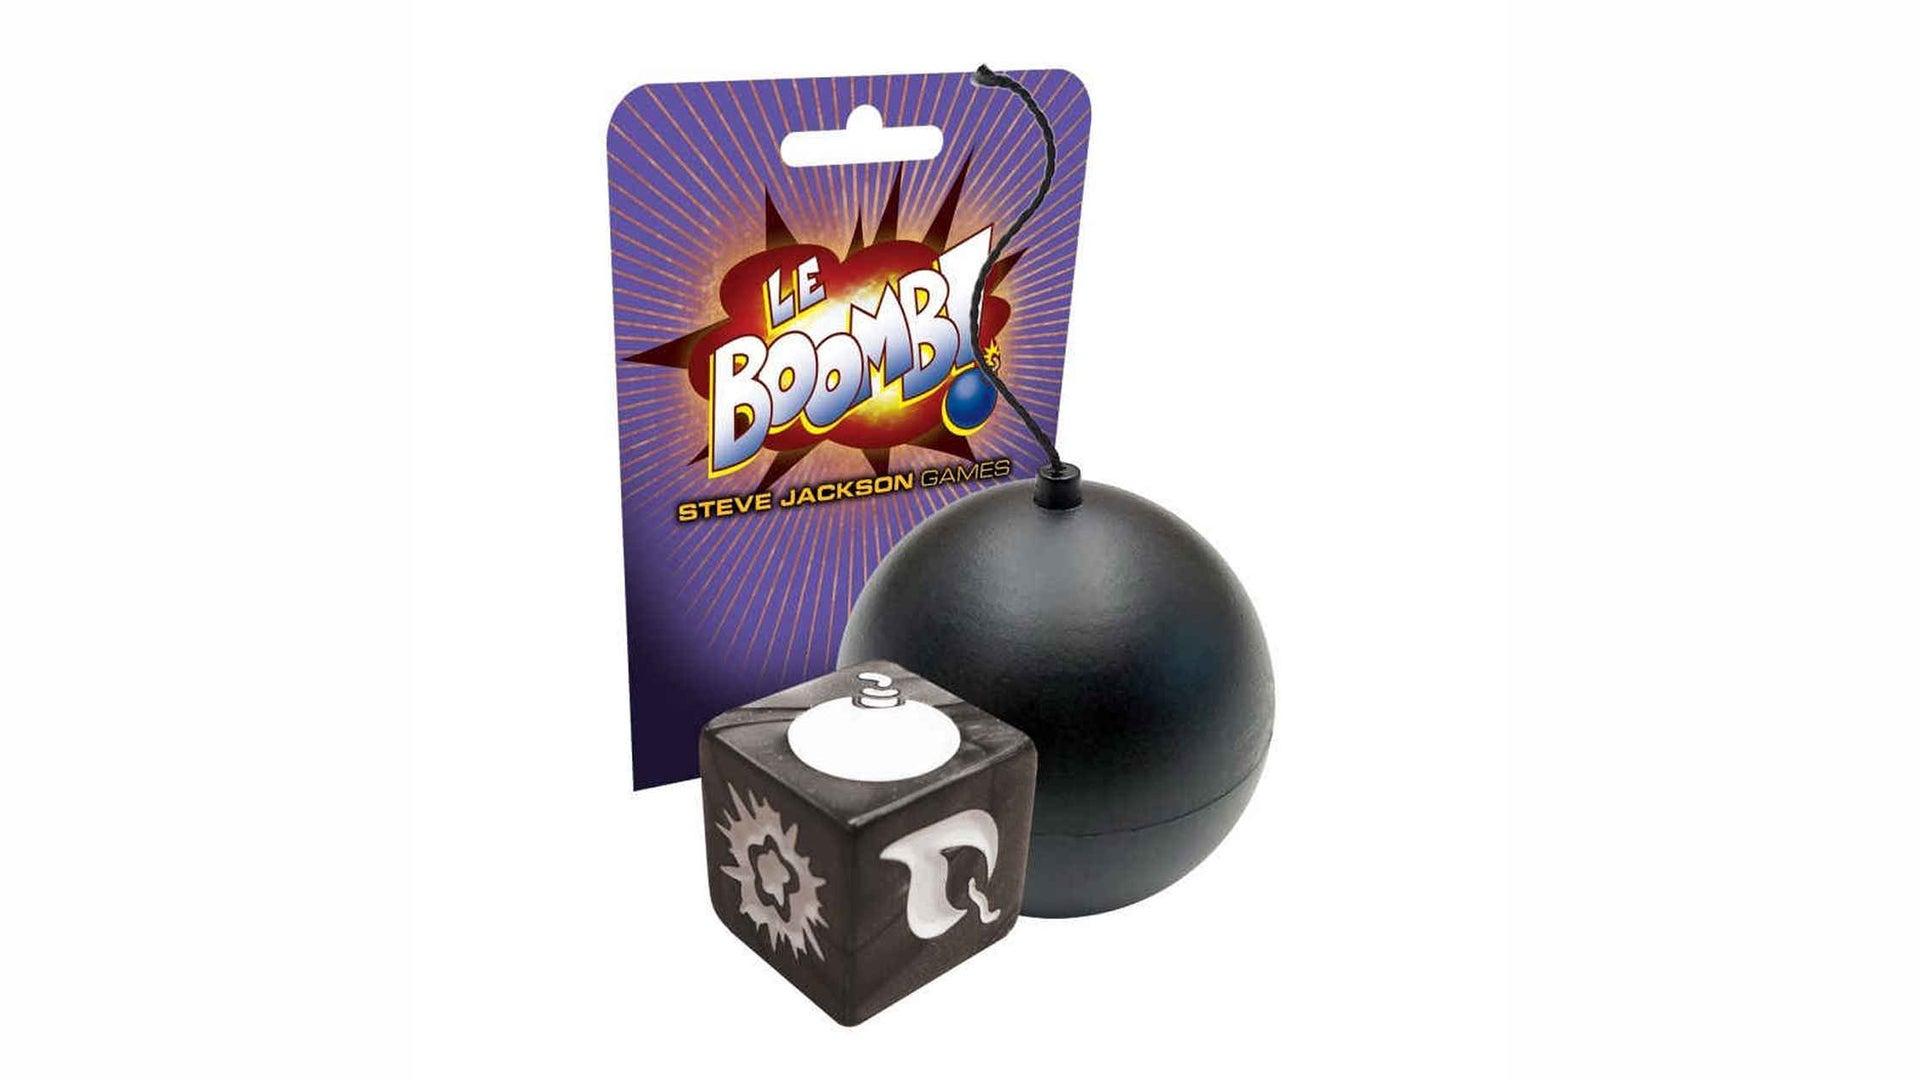 Le Boomb! board game artwork